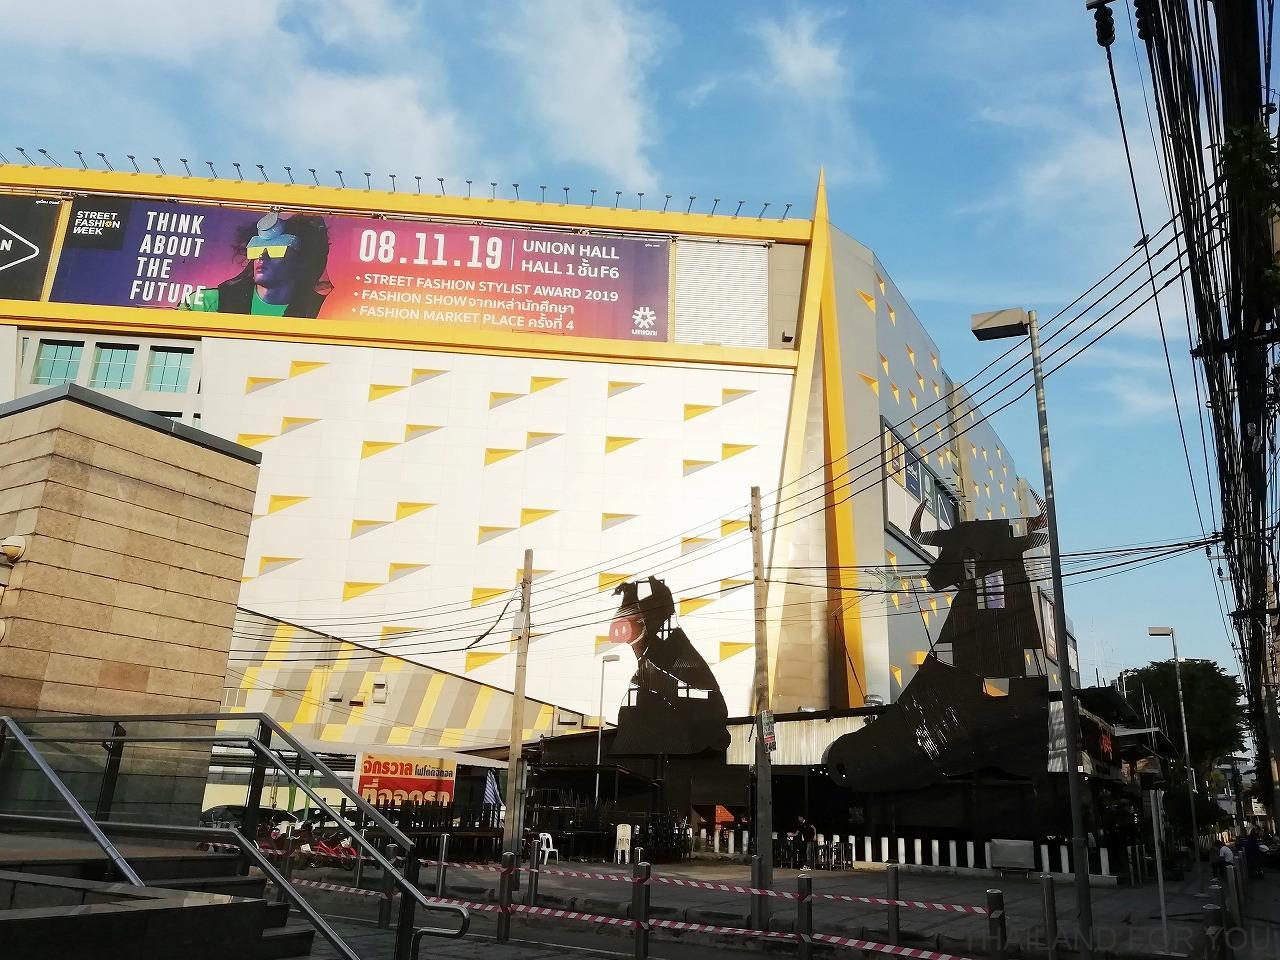 ハーイェーク・ラップラオ駅 BTS 延伸 ユニオンモール